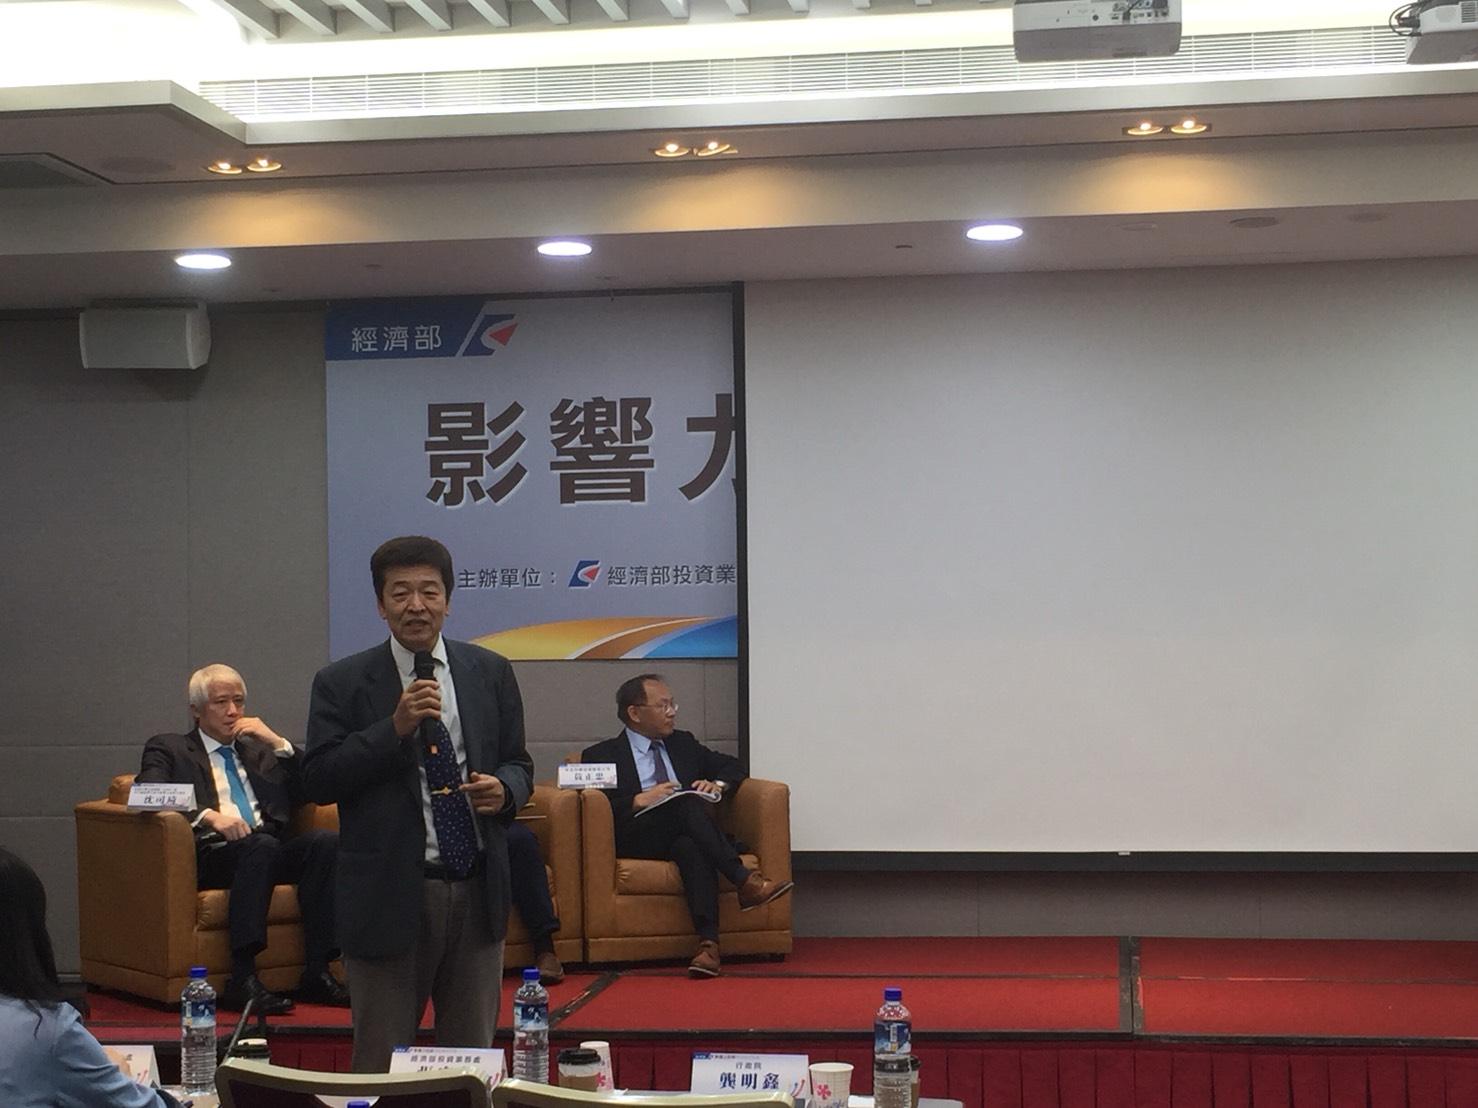 經濟部投資業務處攜手永續基金會舉辦 「影響力投資與商機」研討會 | 財團法人臺灣永續能源研究基金會